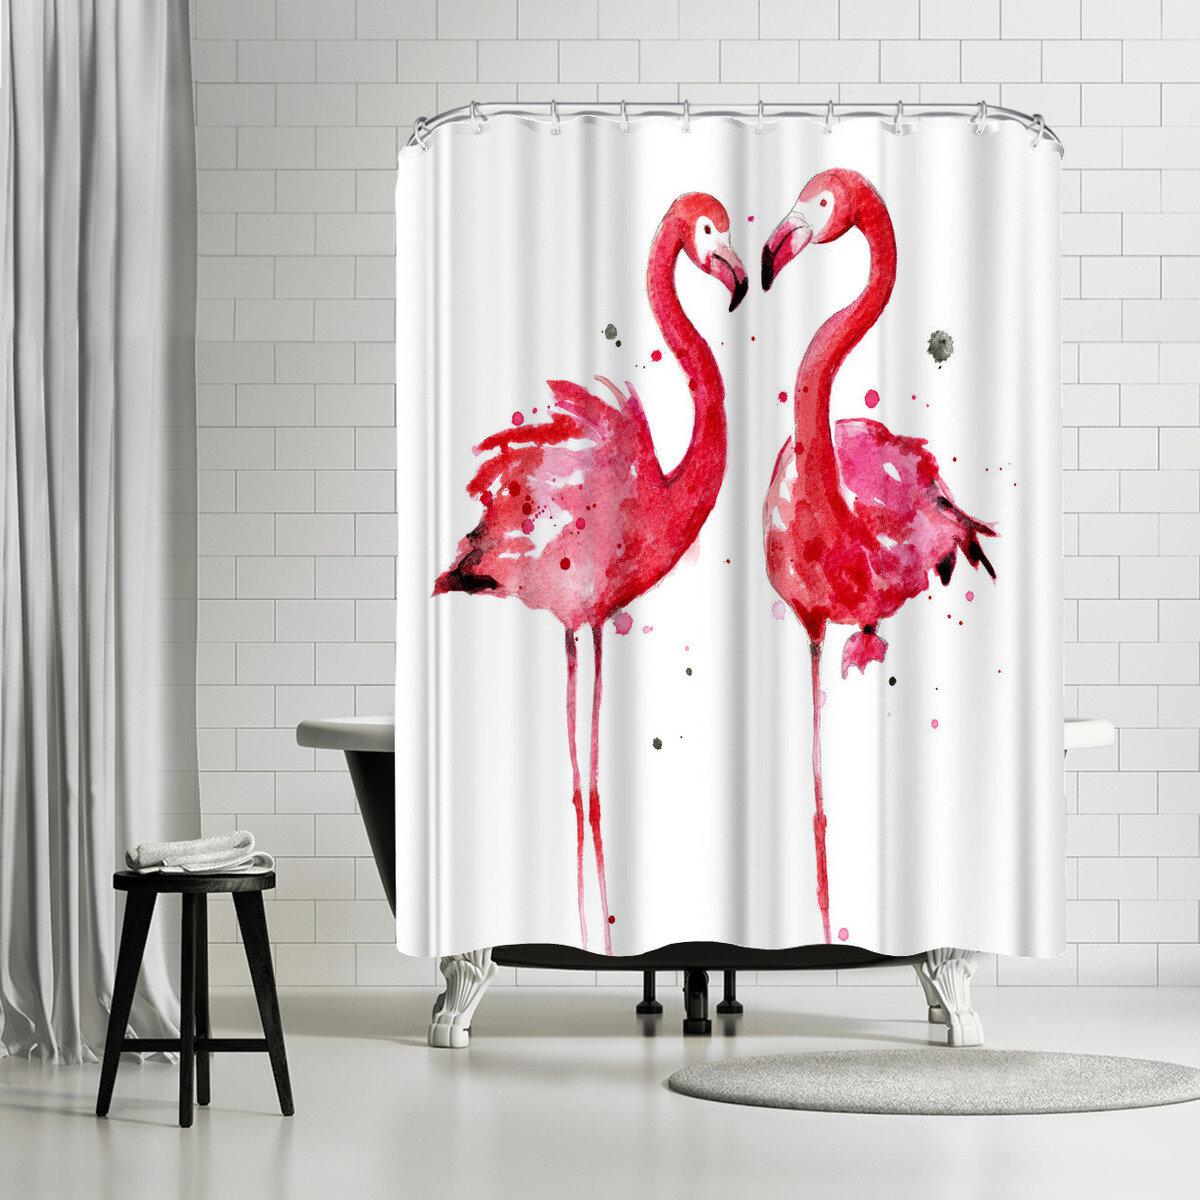 East Urban Home Sam Nagel Flamingos Shower Curtain